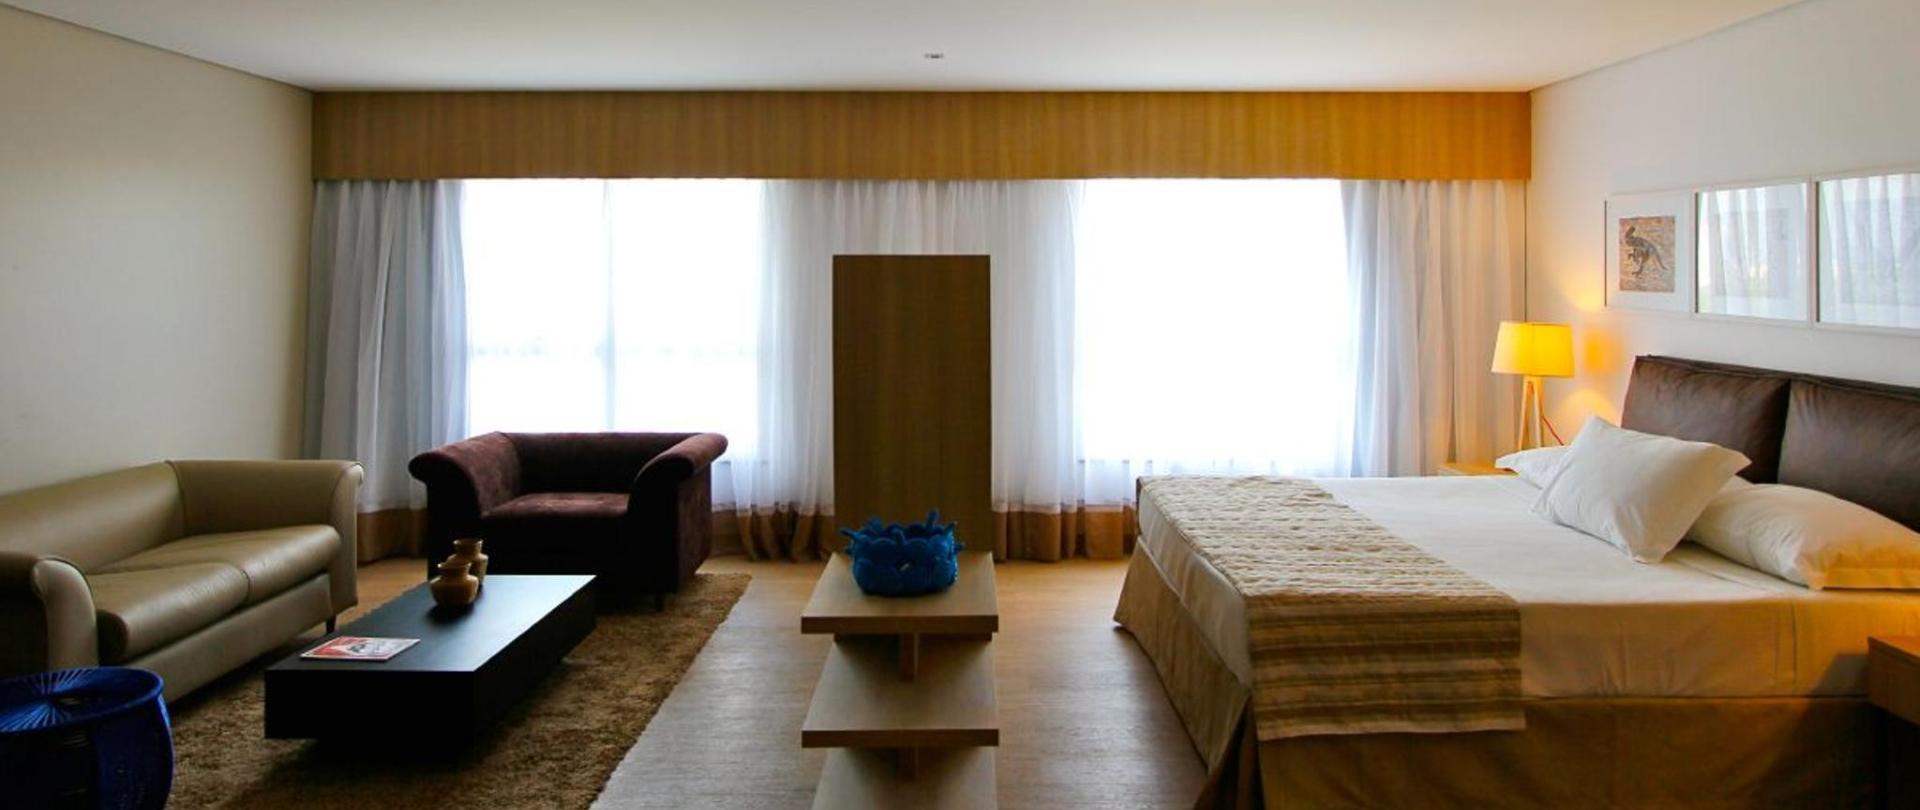 Iu-á Hotel